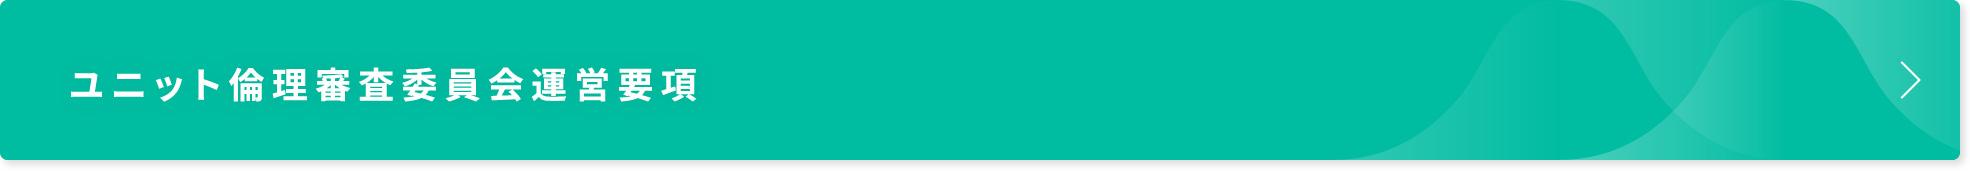 ユニット倫理審査委員会運営要項(2014年2月16日心の先端研究ユニット改訂)